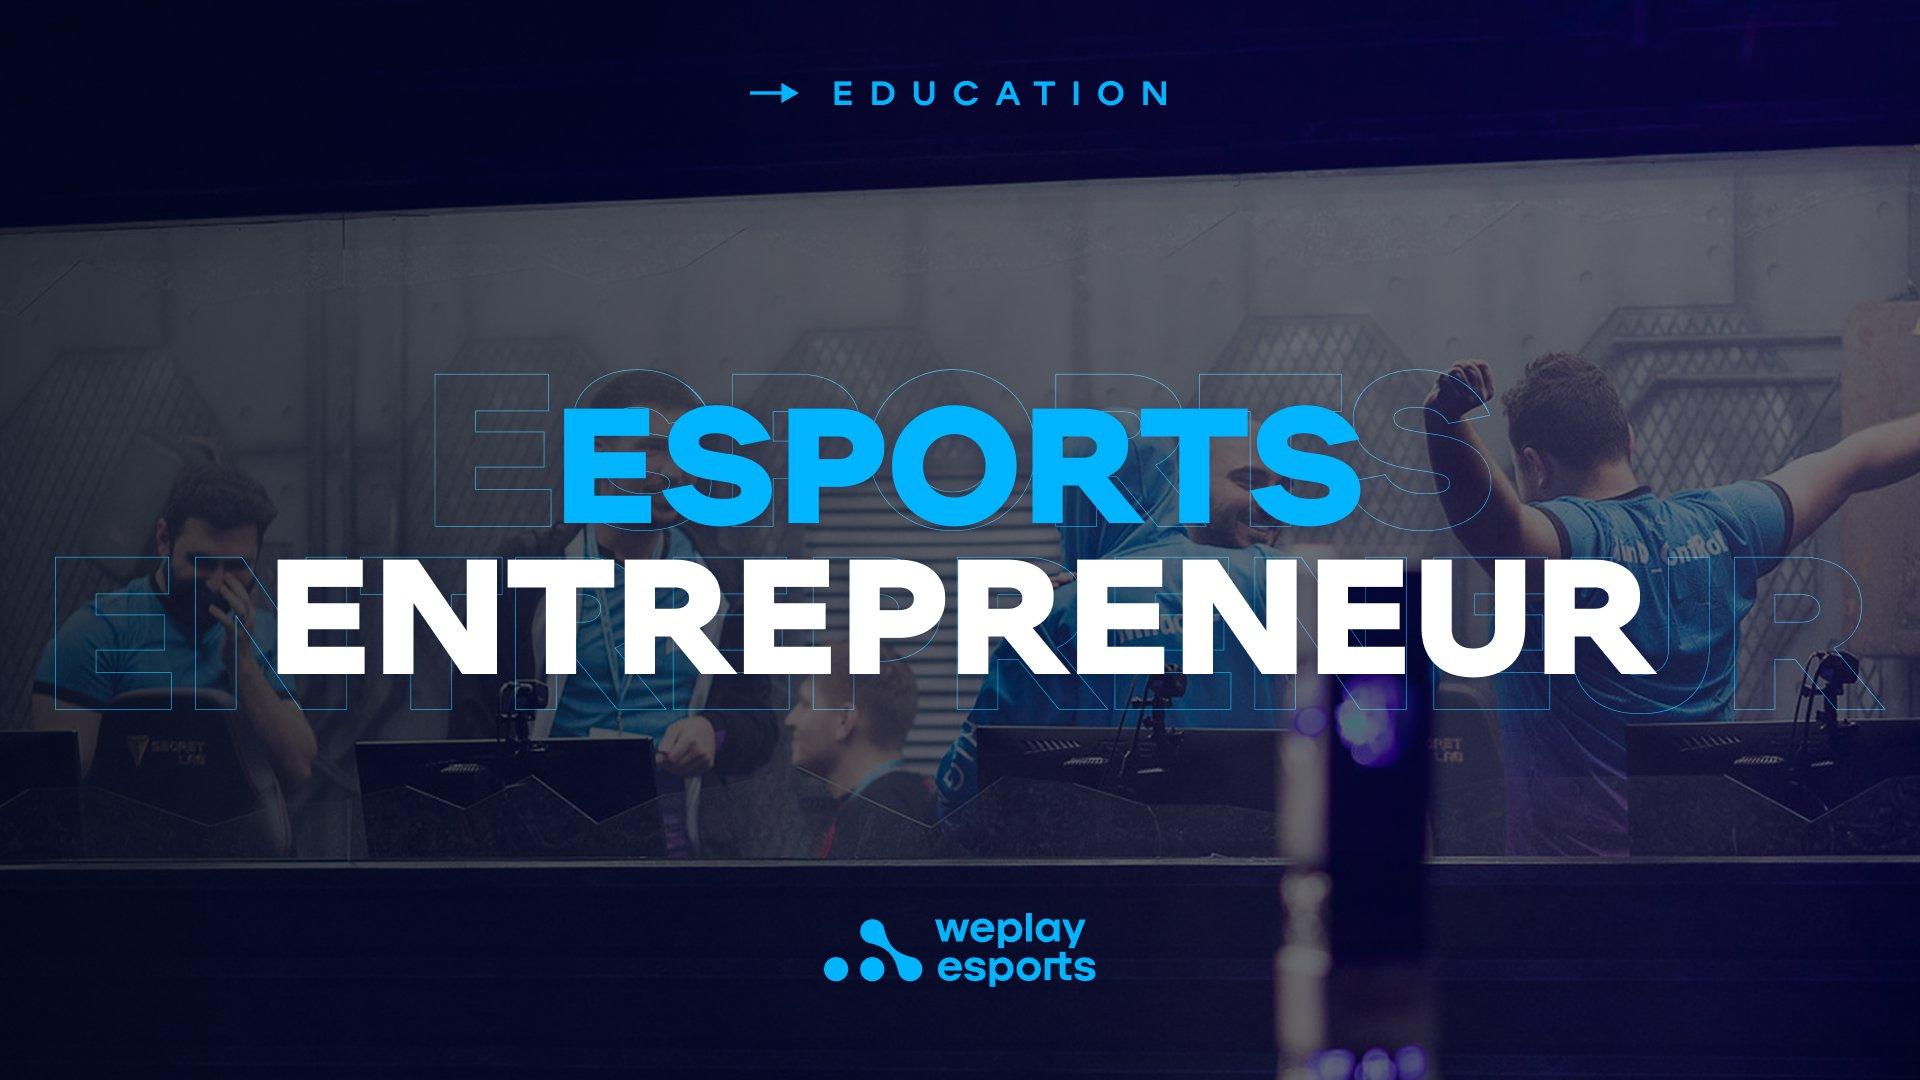 Esports Entrepreneur. Image: WePlay Holding